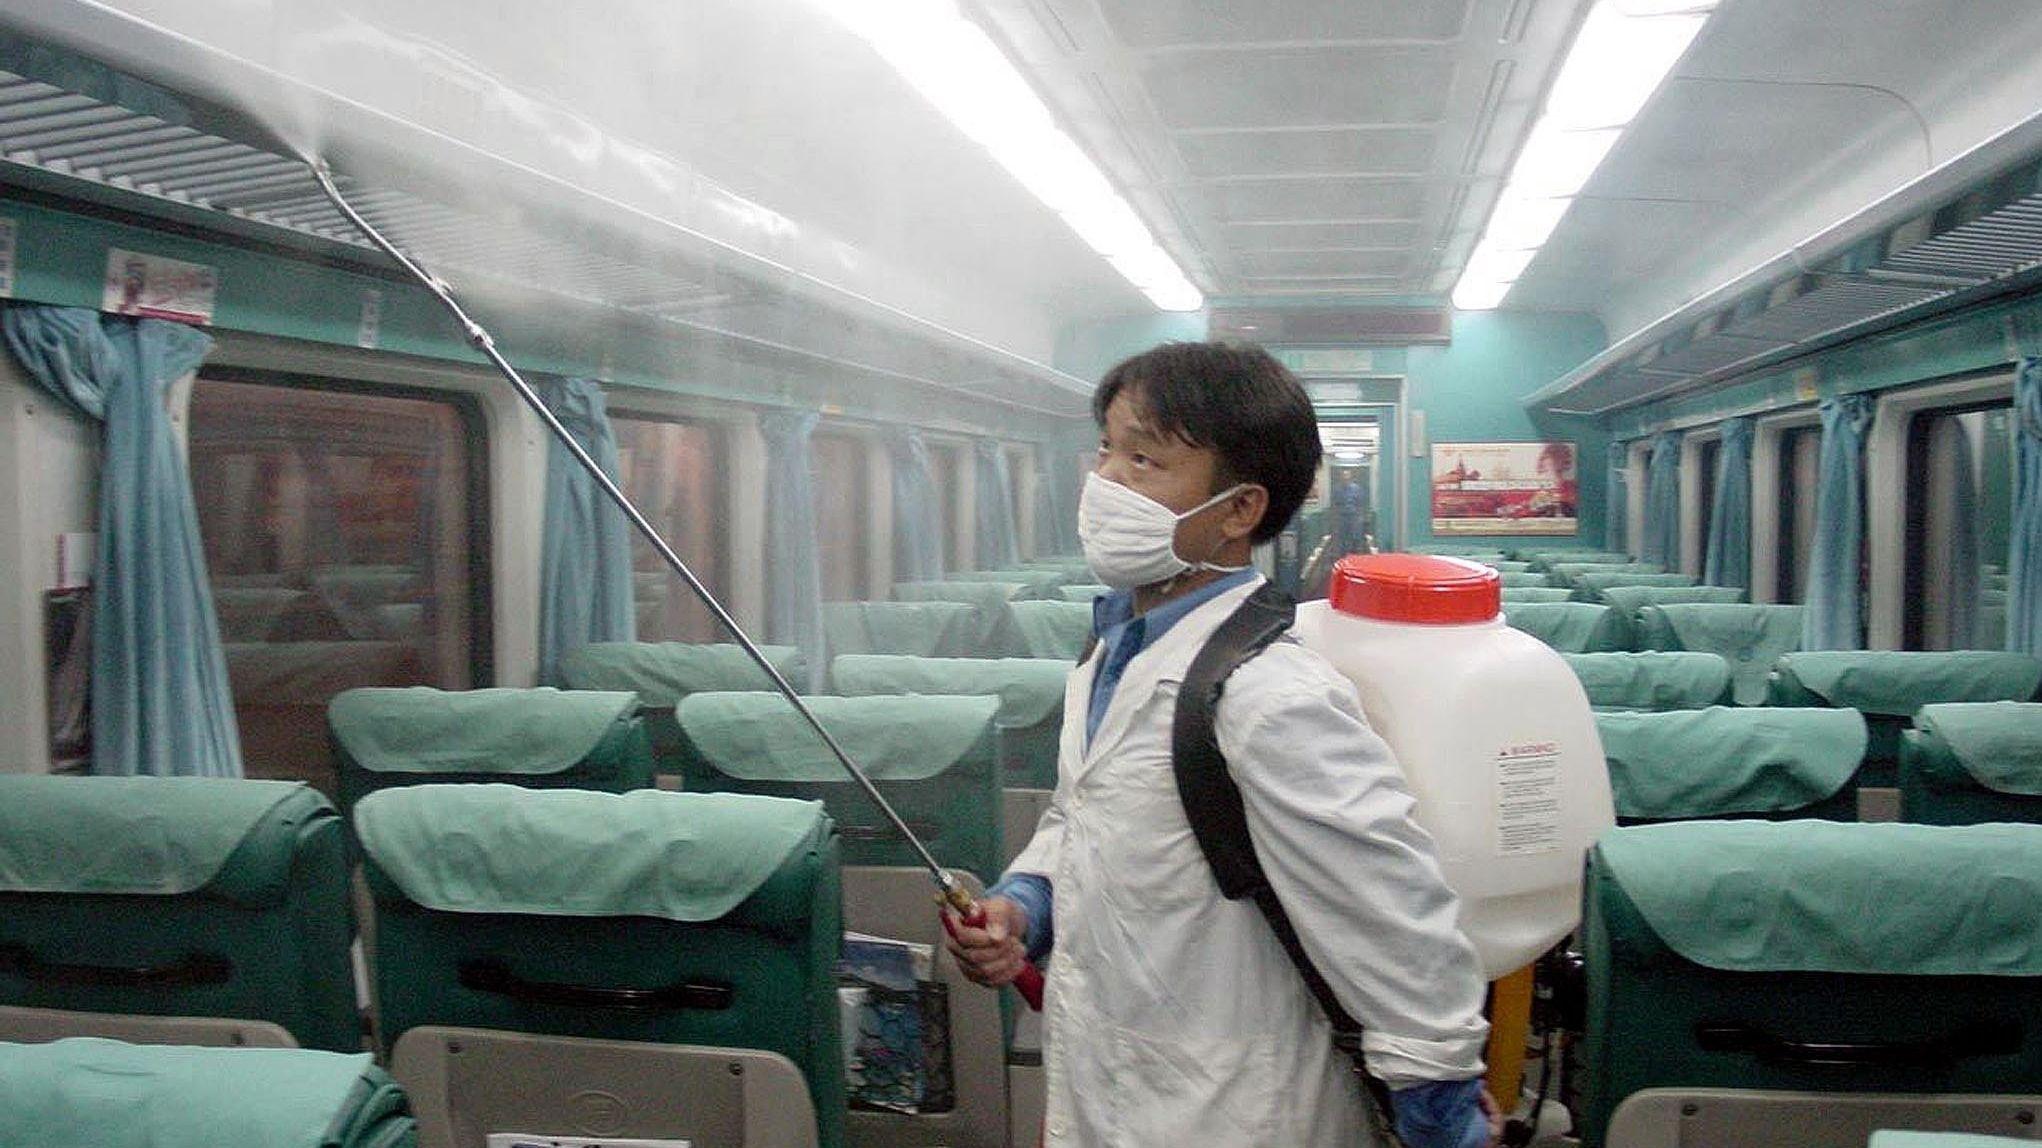 Ein medizinischer Mitarbeiter mit Schutzmaske sprüht Desinfektionsmittel in einem Zug in Shenzhen in Südostchina.